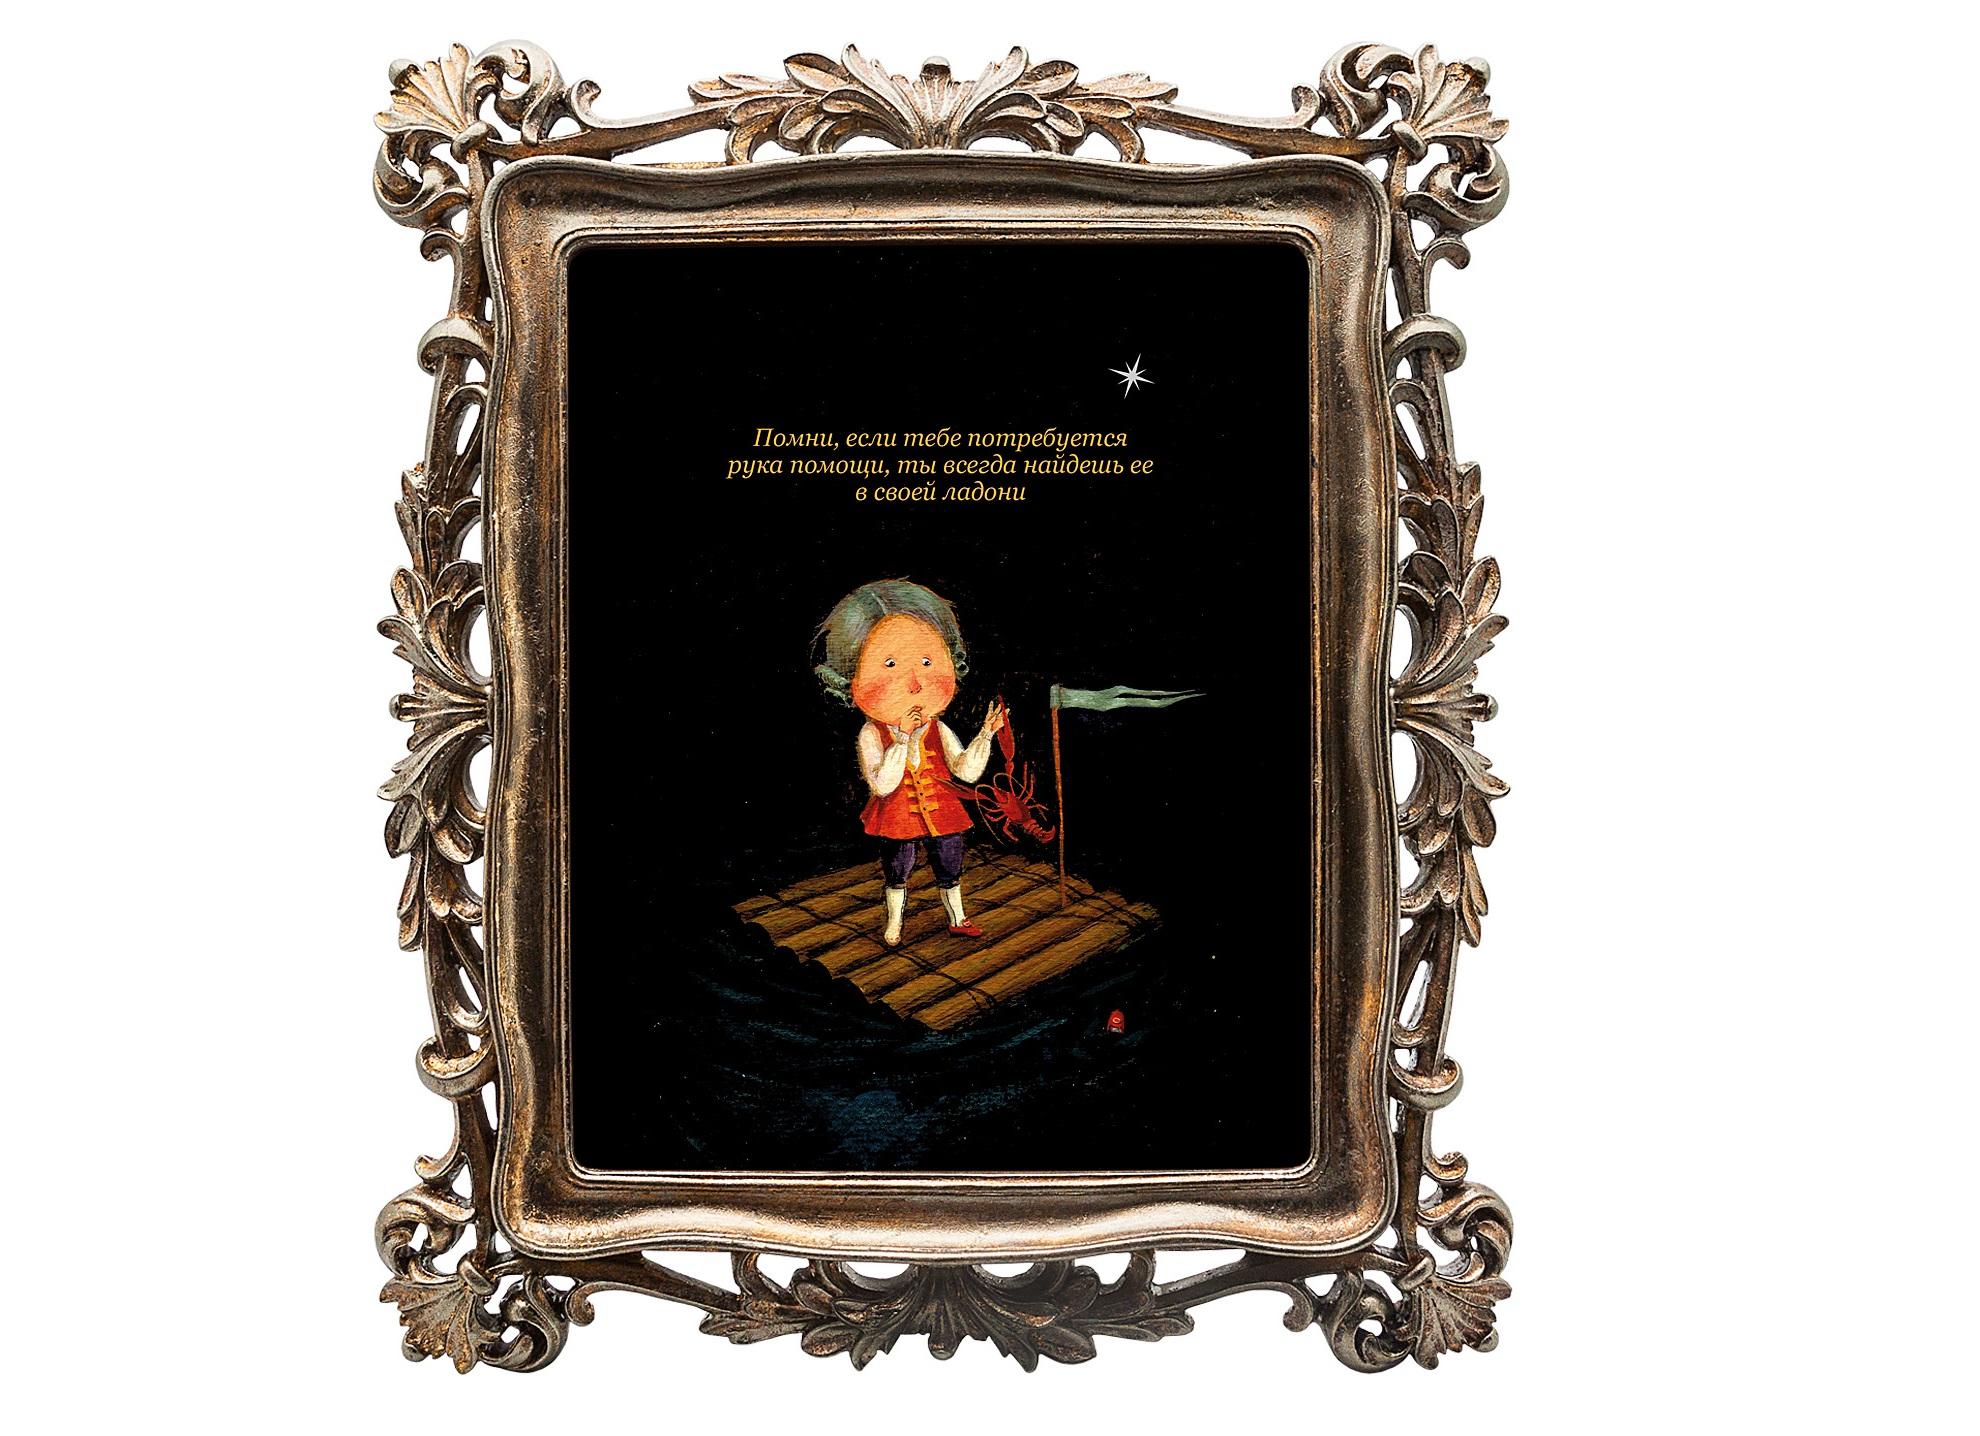 Картина 12 рецептов счастья (Рак)Картины<br>Картина из коллекции «12 рецептов счастья» «Помни, если тебе потребуется рука помощи, ты всегда найдешь ее в своей ладони» олицетворяет собой знак зодиака Рак, преподнося нам уникальное пожелание.  Картину можно повесить на стену, либо поставить, например, на стол или камин. Защитный стеклянный слой  гарантирует долгую жизнь прекрасному изображению. Рама изготовлена из полистоуна. Искусная техника состаривания придает раме особую теплоту и винтажность.&amp;lt;div&amp;gt;&amp;lt;br&amp;gt;&amp;lt;/div&amp;gt;&amp;lt;div&amp;gt;Материал: полистоун, стекло, дизайнерская бумага.&amp;lt;br&amp;gt;&amp;lt;/div&amp;gt;<br><br>Material: Полистоун<br>Width см: 29.7<br>Depth см: 2.2<br>Height см: 34.7